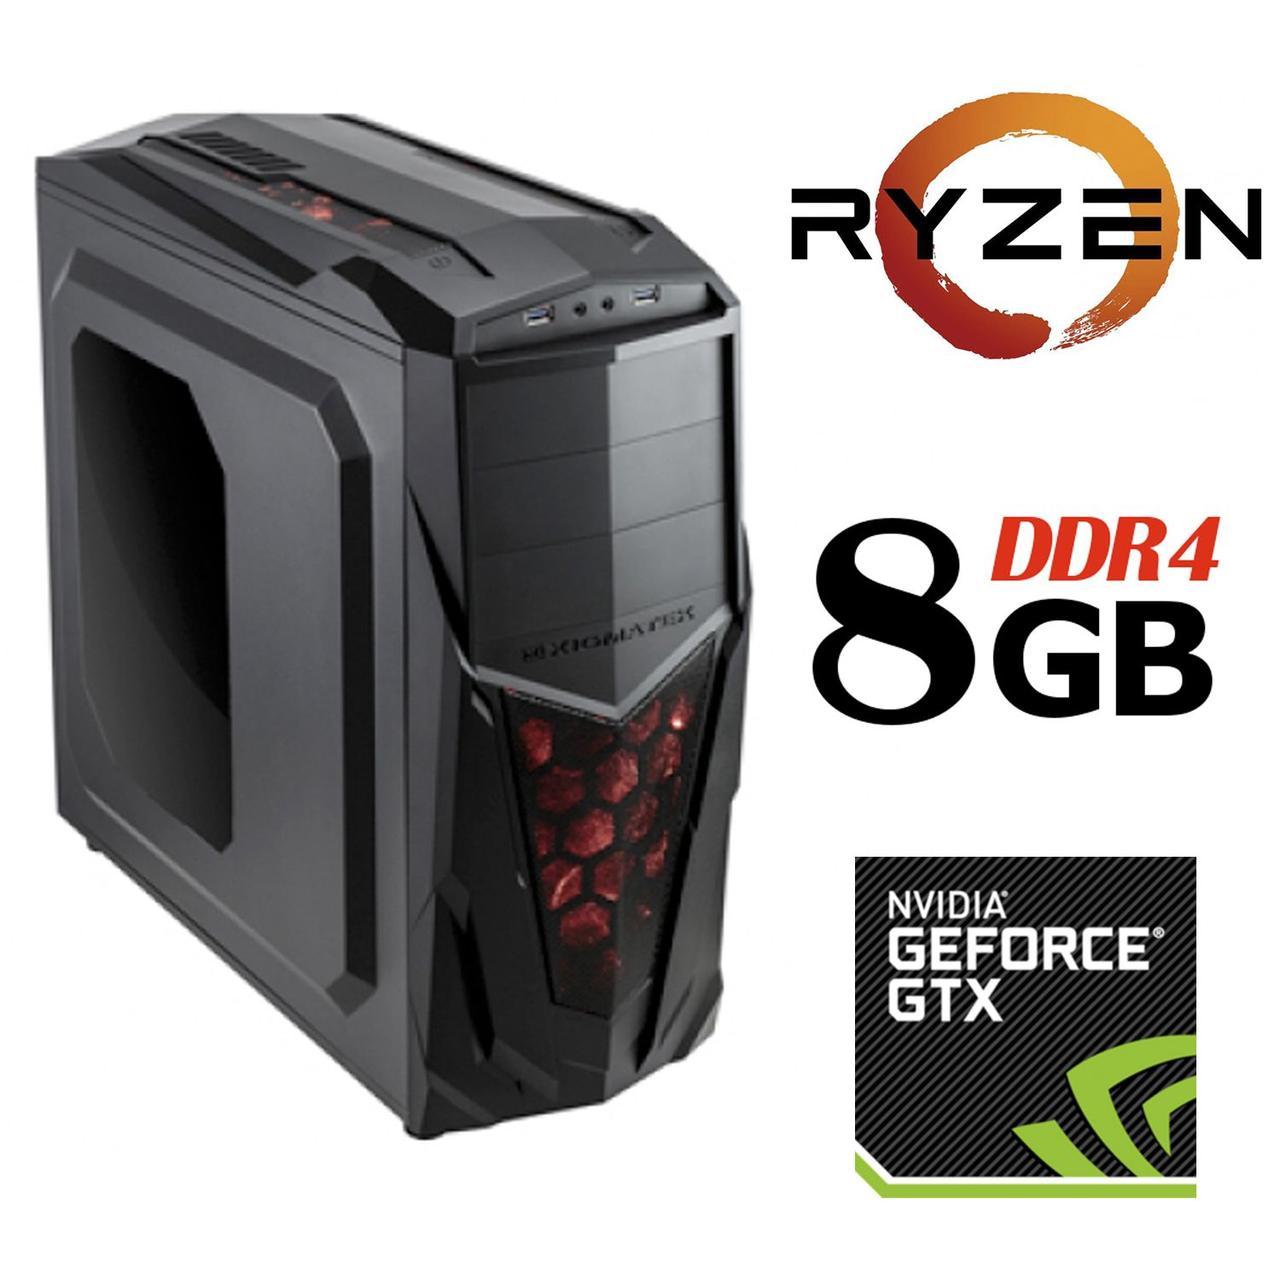 Xigmatech Mach II MT / AMD Ryzen™ 5 1400 (4 (8) ядра по 3.2 - 3.4 GHz) / 8 GB DDR4 / 1 TB HDD + 120 GB SSD / NVIDIA GeForce GTX 1050 Ti (4 GB GDDR5